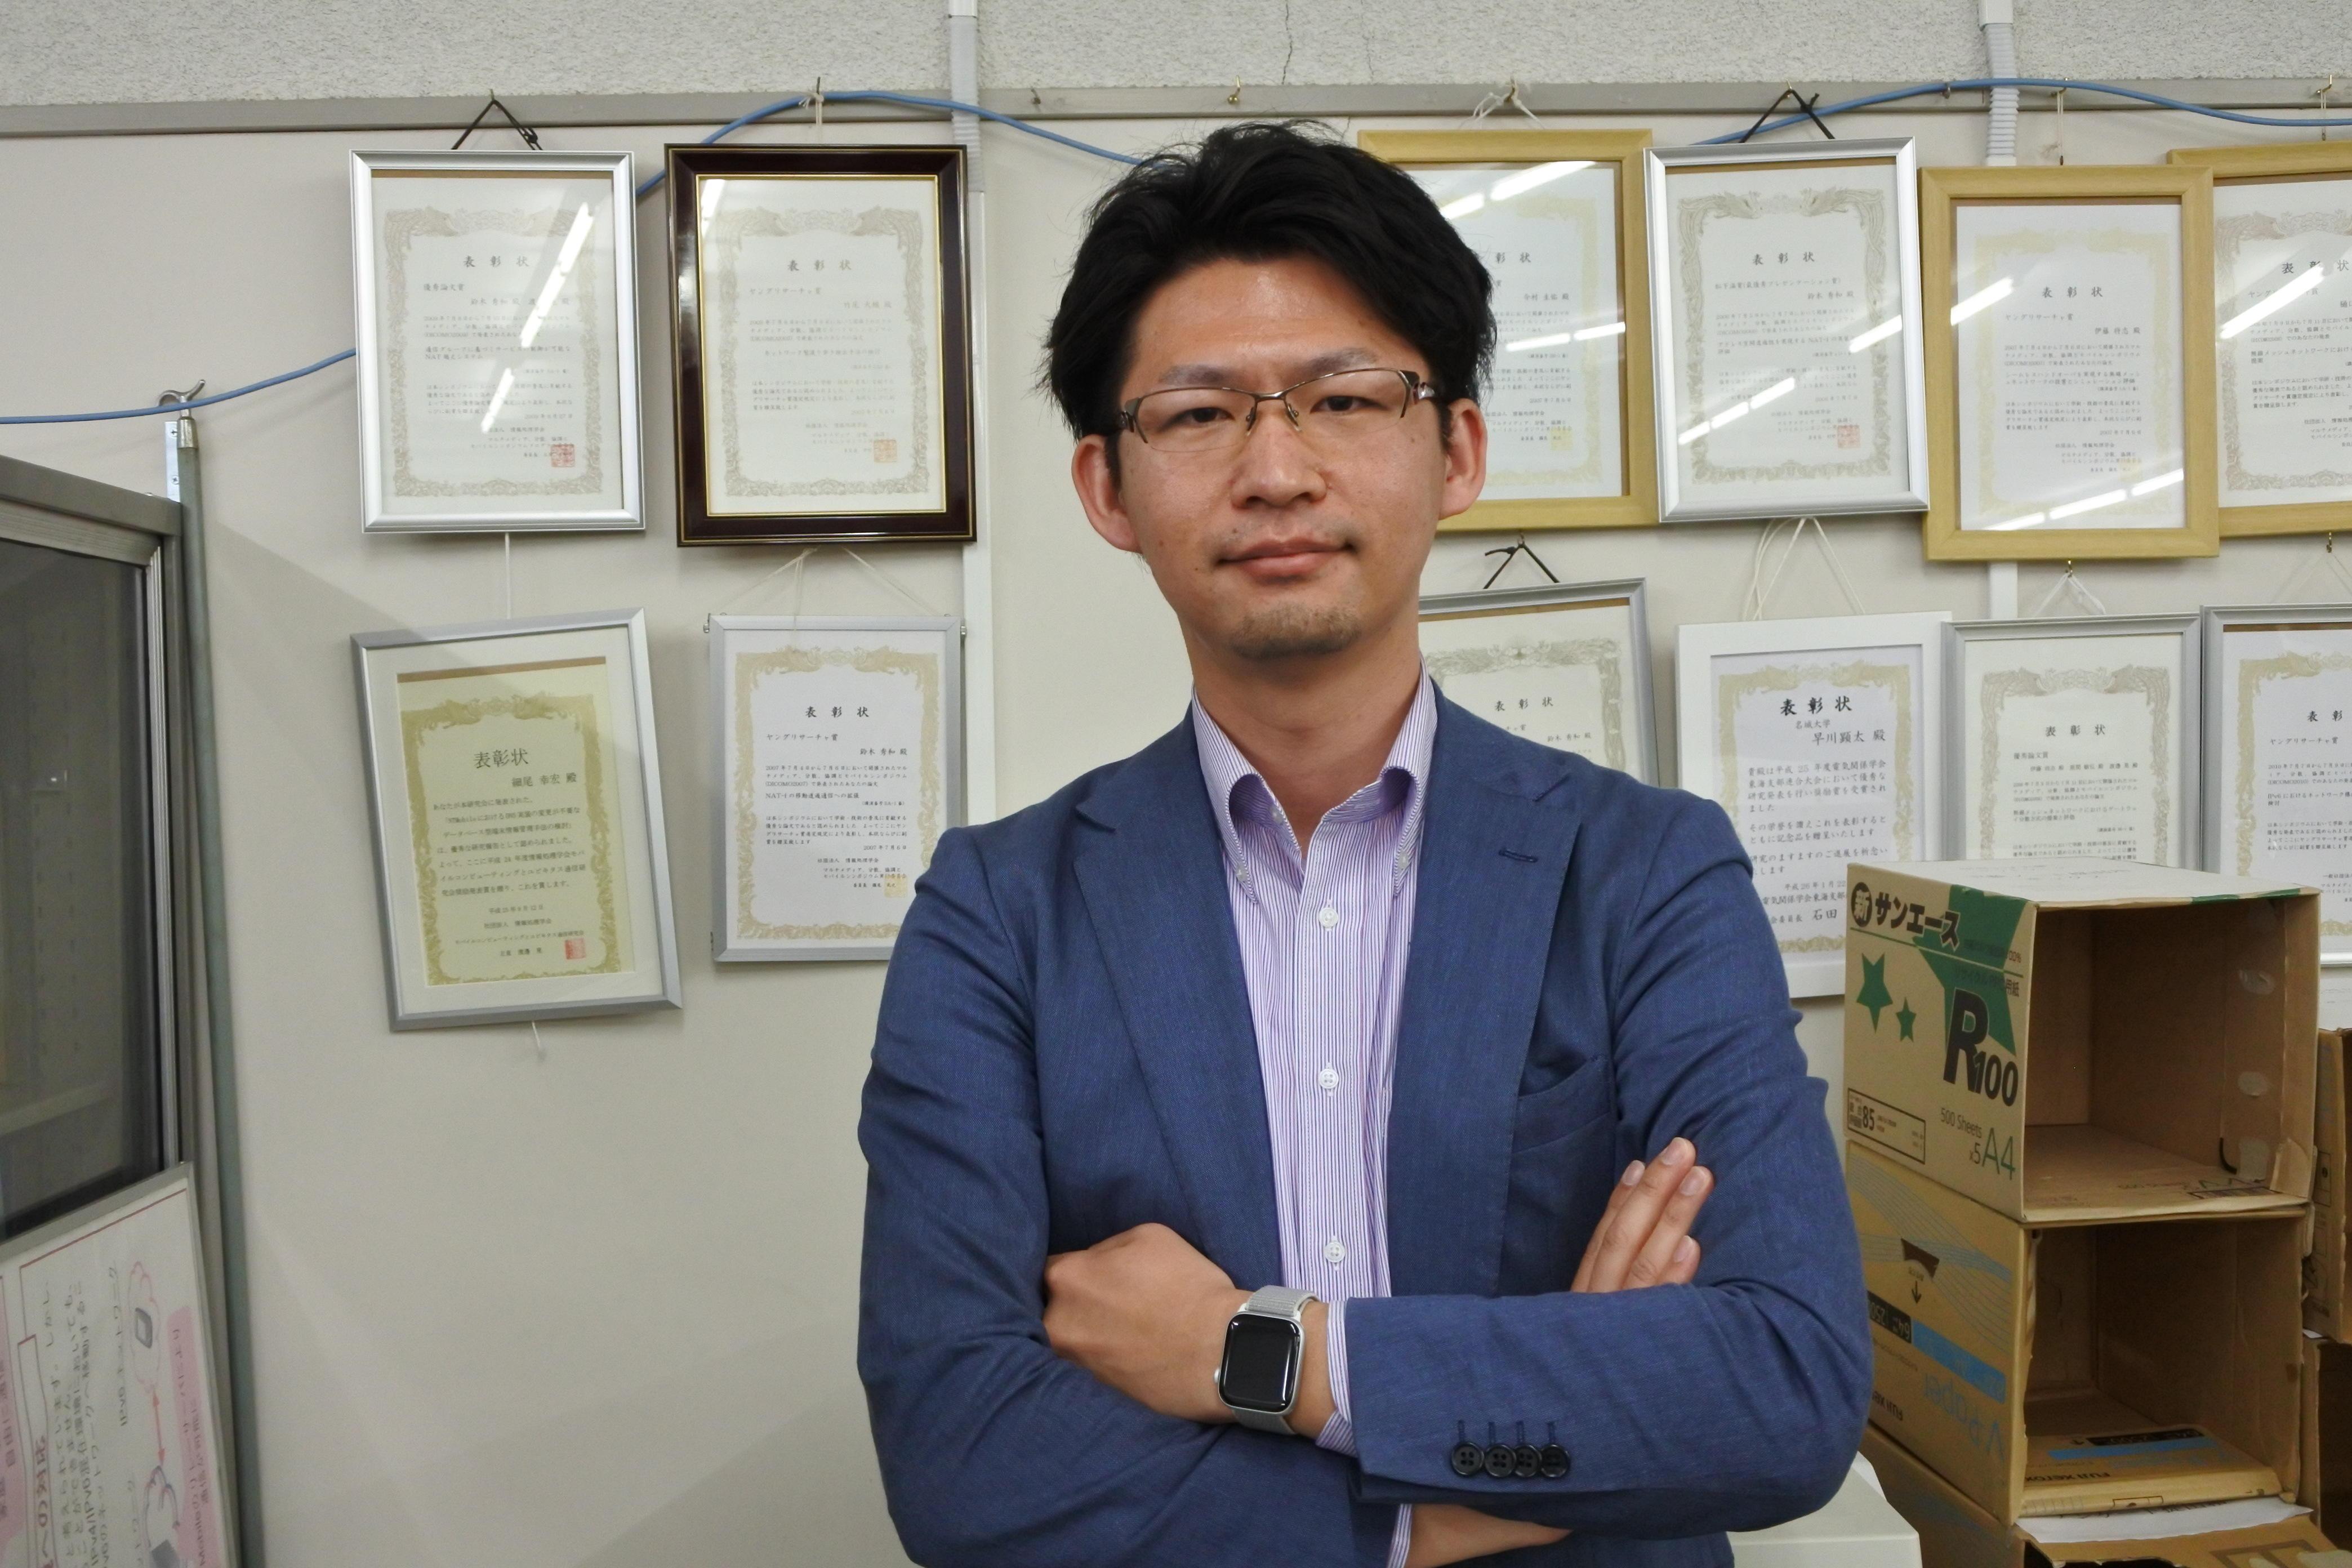 研究室には自分の学生時代の表彰状も掲げられている